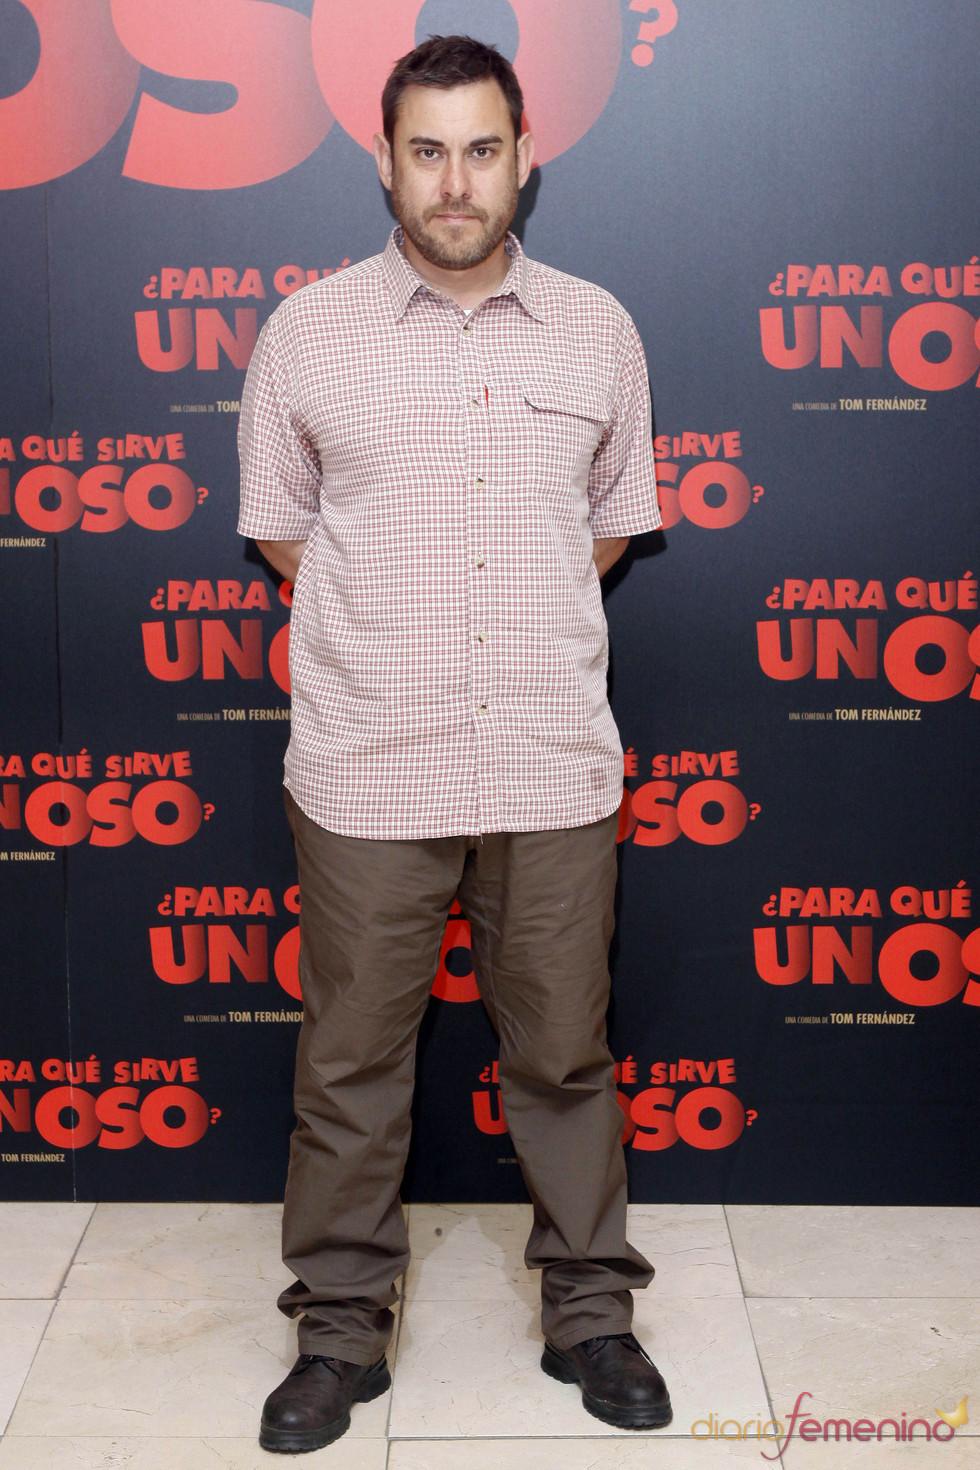 Tom Fernández, director de '¿Para qué sirve un oso'?